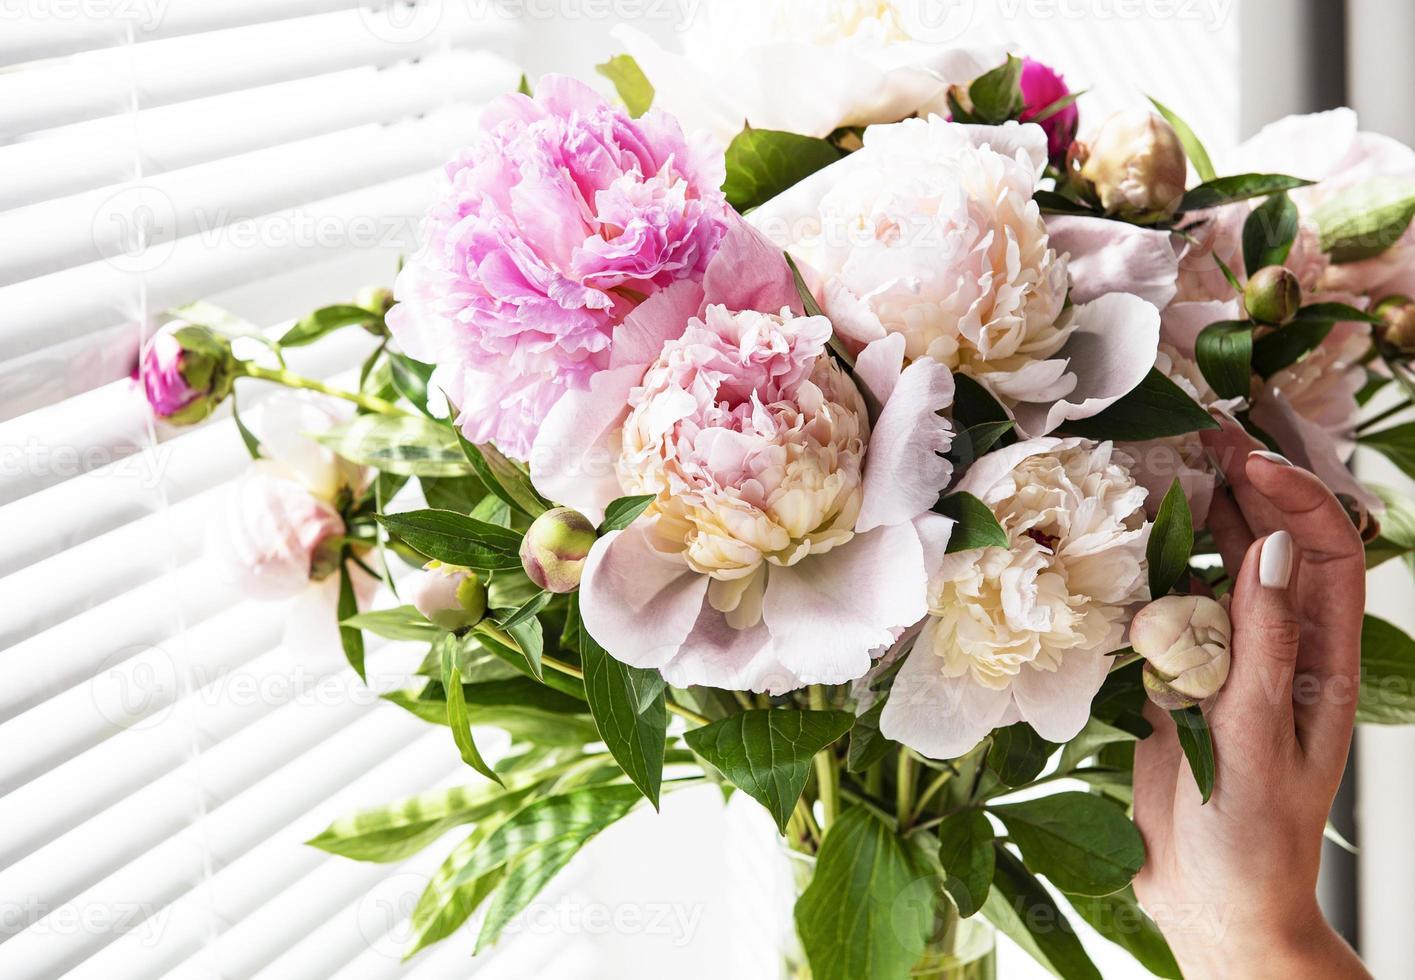 bellissimo bouquet di peonia rosa in un vaso. foto